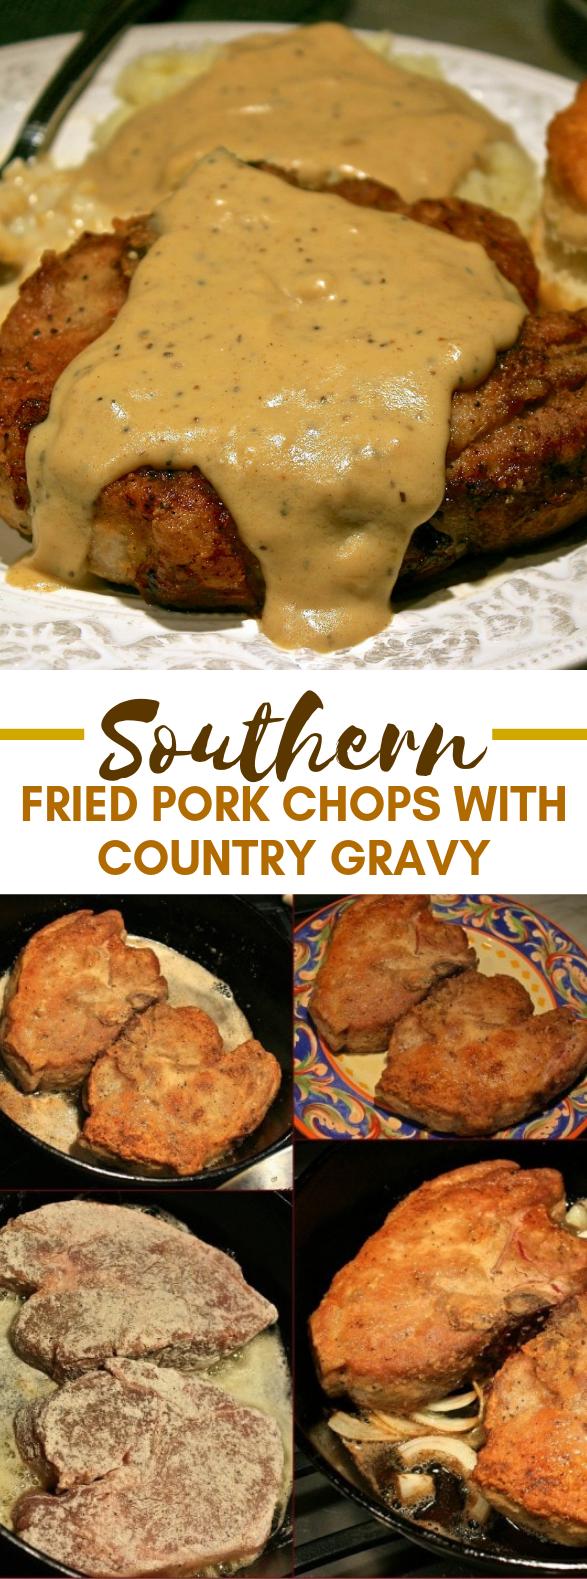 Gebratene Schweinekoteletts aus dem Süden mit Landsauce #dinner #comfortfood  – Food